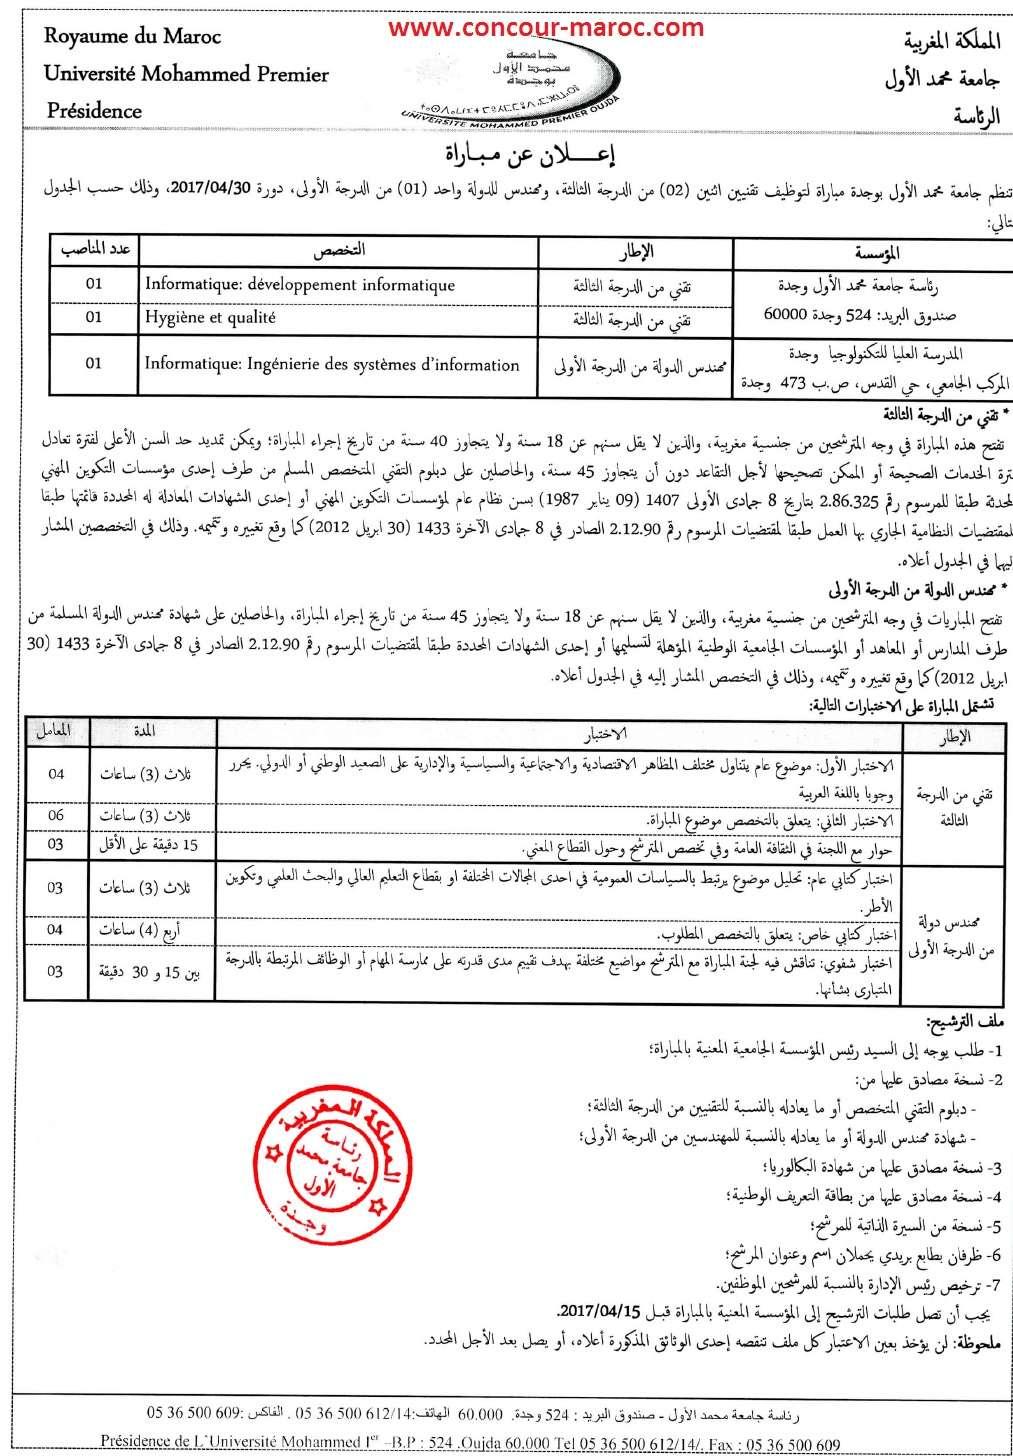 جامعة محمد الأول - وجدة : مباراة لتوظيف تقني من الدرجة الثالثة (02) و مهندس الدولة مناح الدرجة الأولى (1) آخر أجل لإيداع الترشيحات 15 ابريل 2017 Concou56